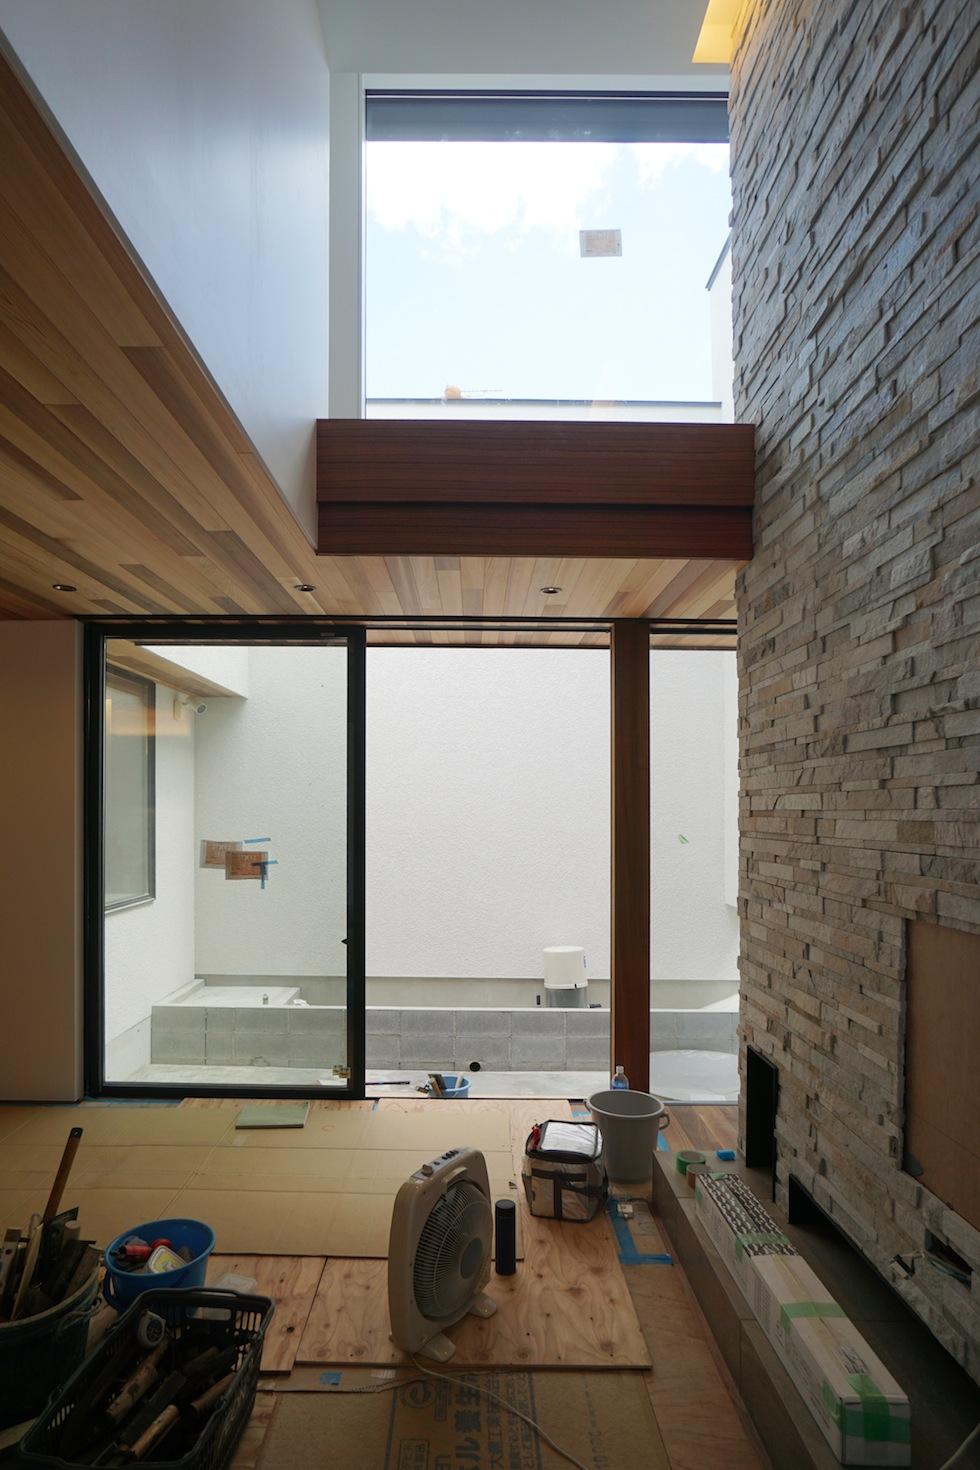 建築家,高級注文住宅設計,大阪,豊中,北摂,建築家デザイン,外観デザイン,板貼り,吹き抜け